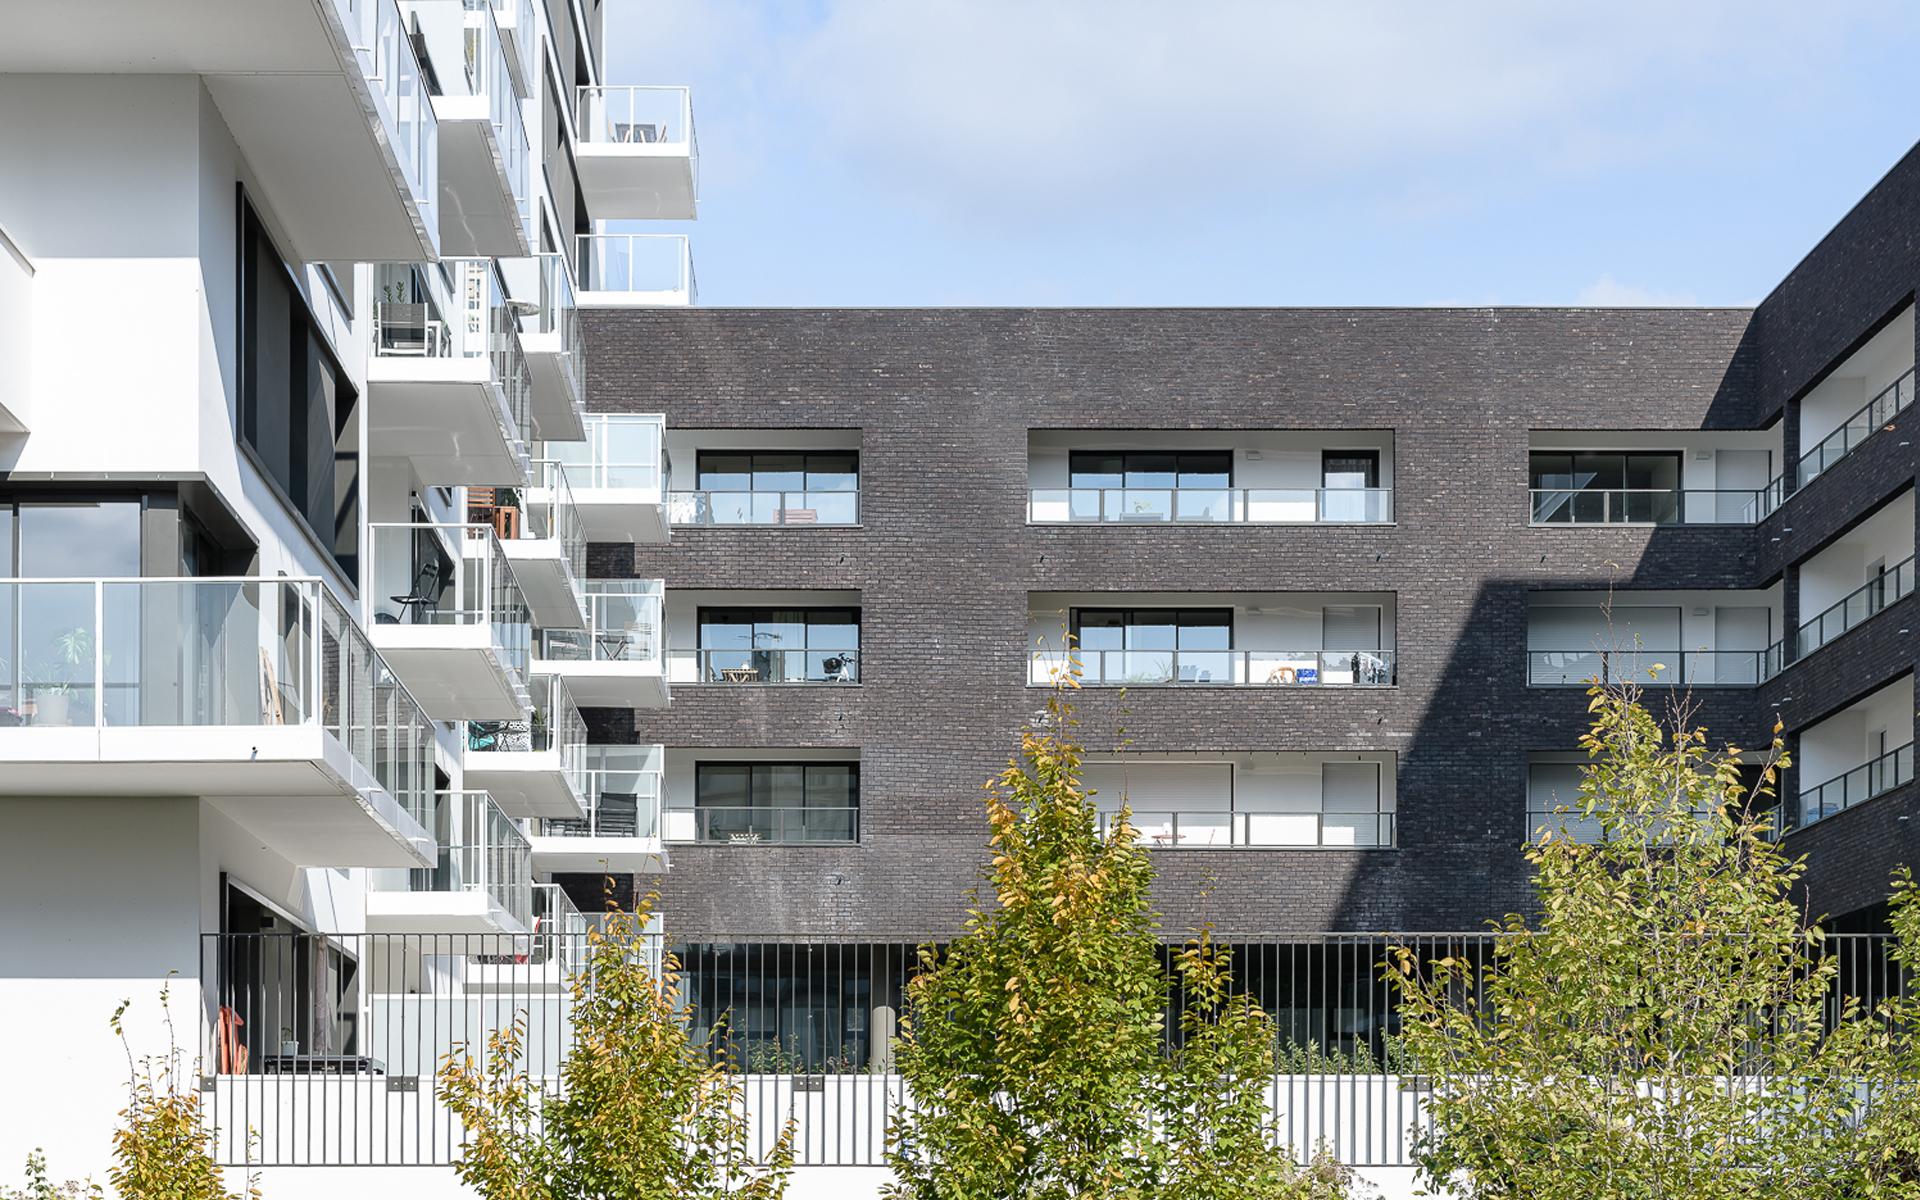 les-cadets-de-bretagne-12-rennes-architecture-bretagne-paumier-architectes-1920×1200